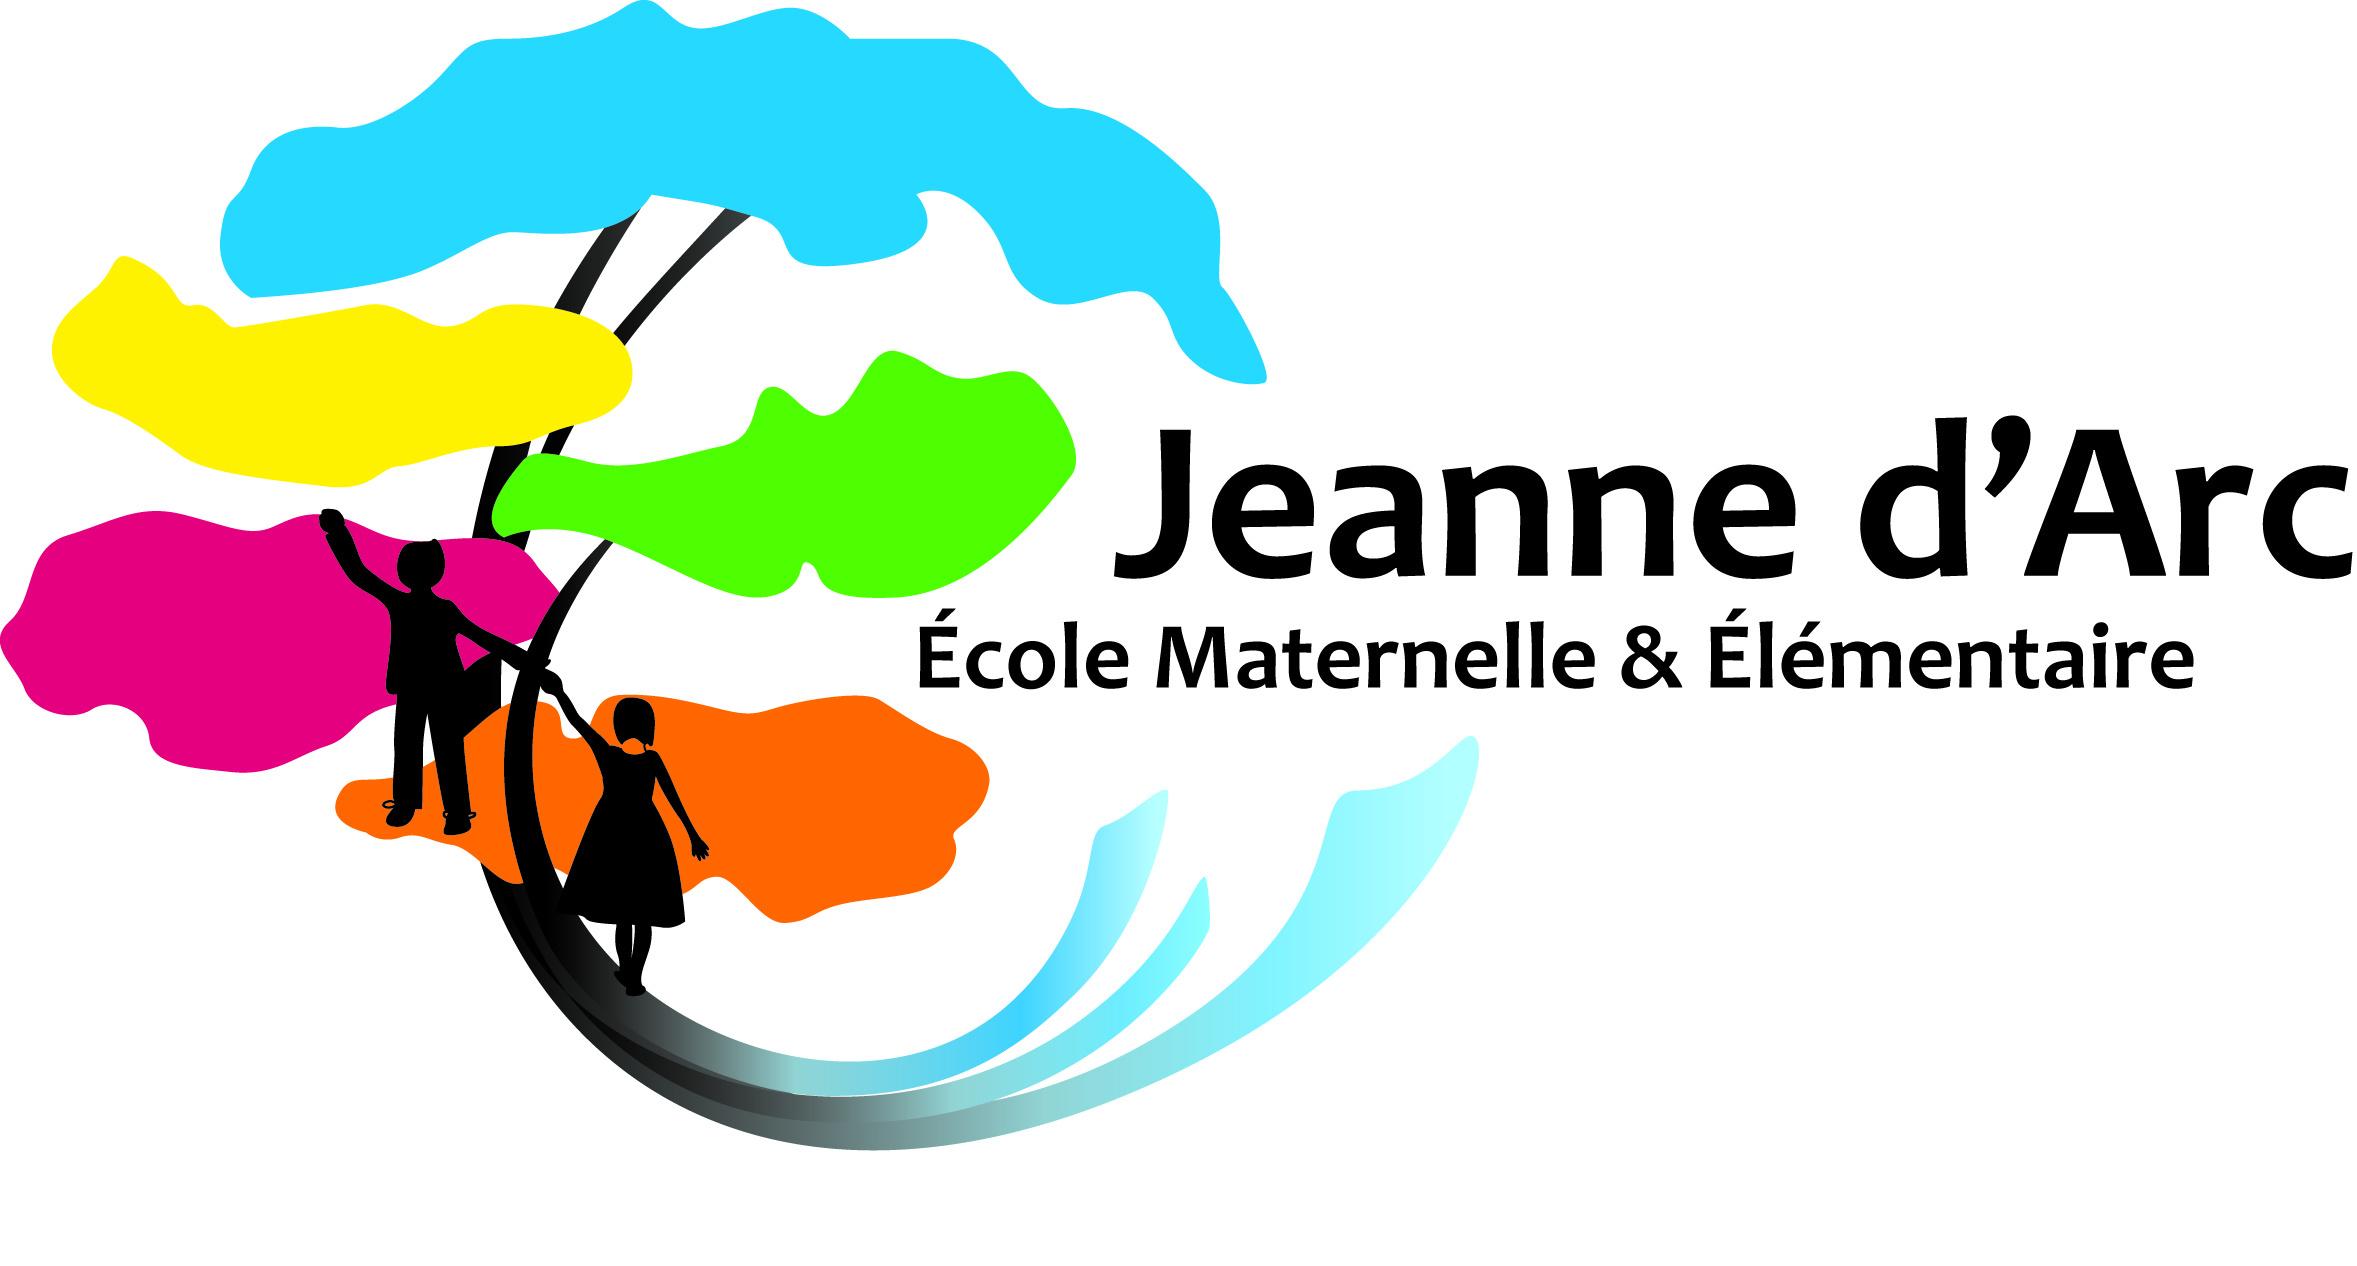 Ecole jeanne d 39 arc ecolejeannedarc collonges - Image d ecole maternelle ...